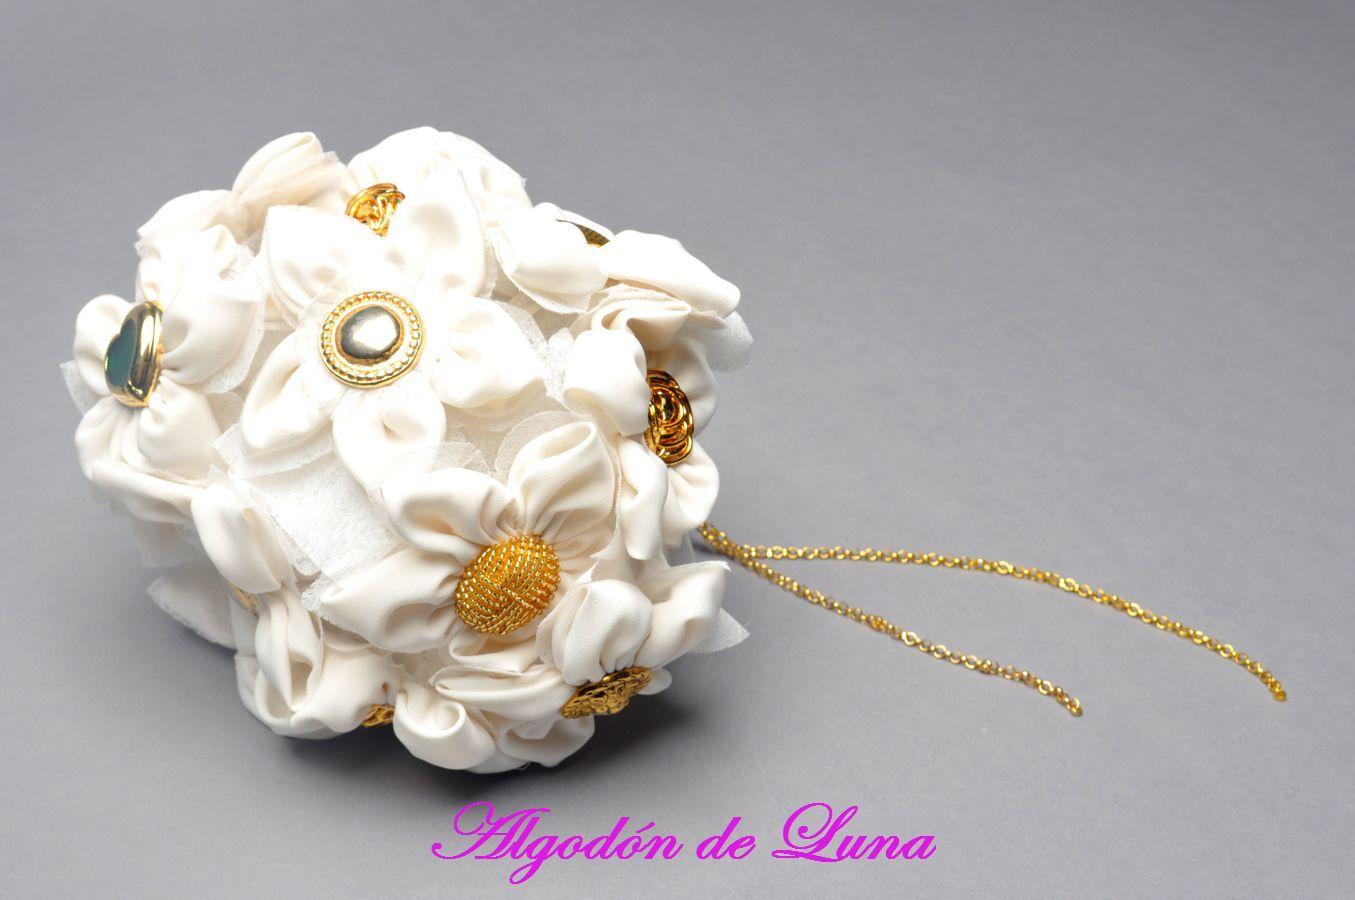 Bouquet ramo de flores de tela blancas y botones dorados y cadenas  606619349 algodondeluna@gmail